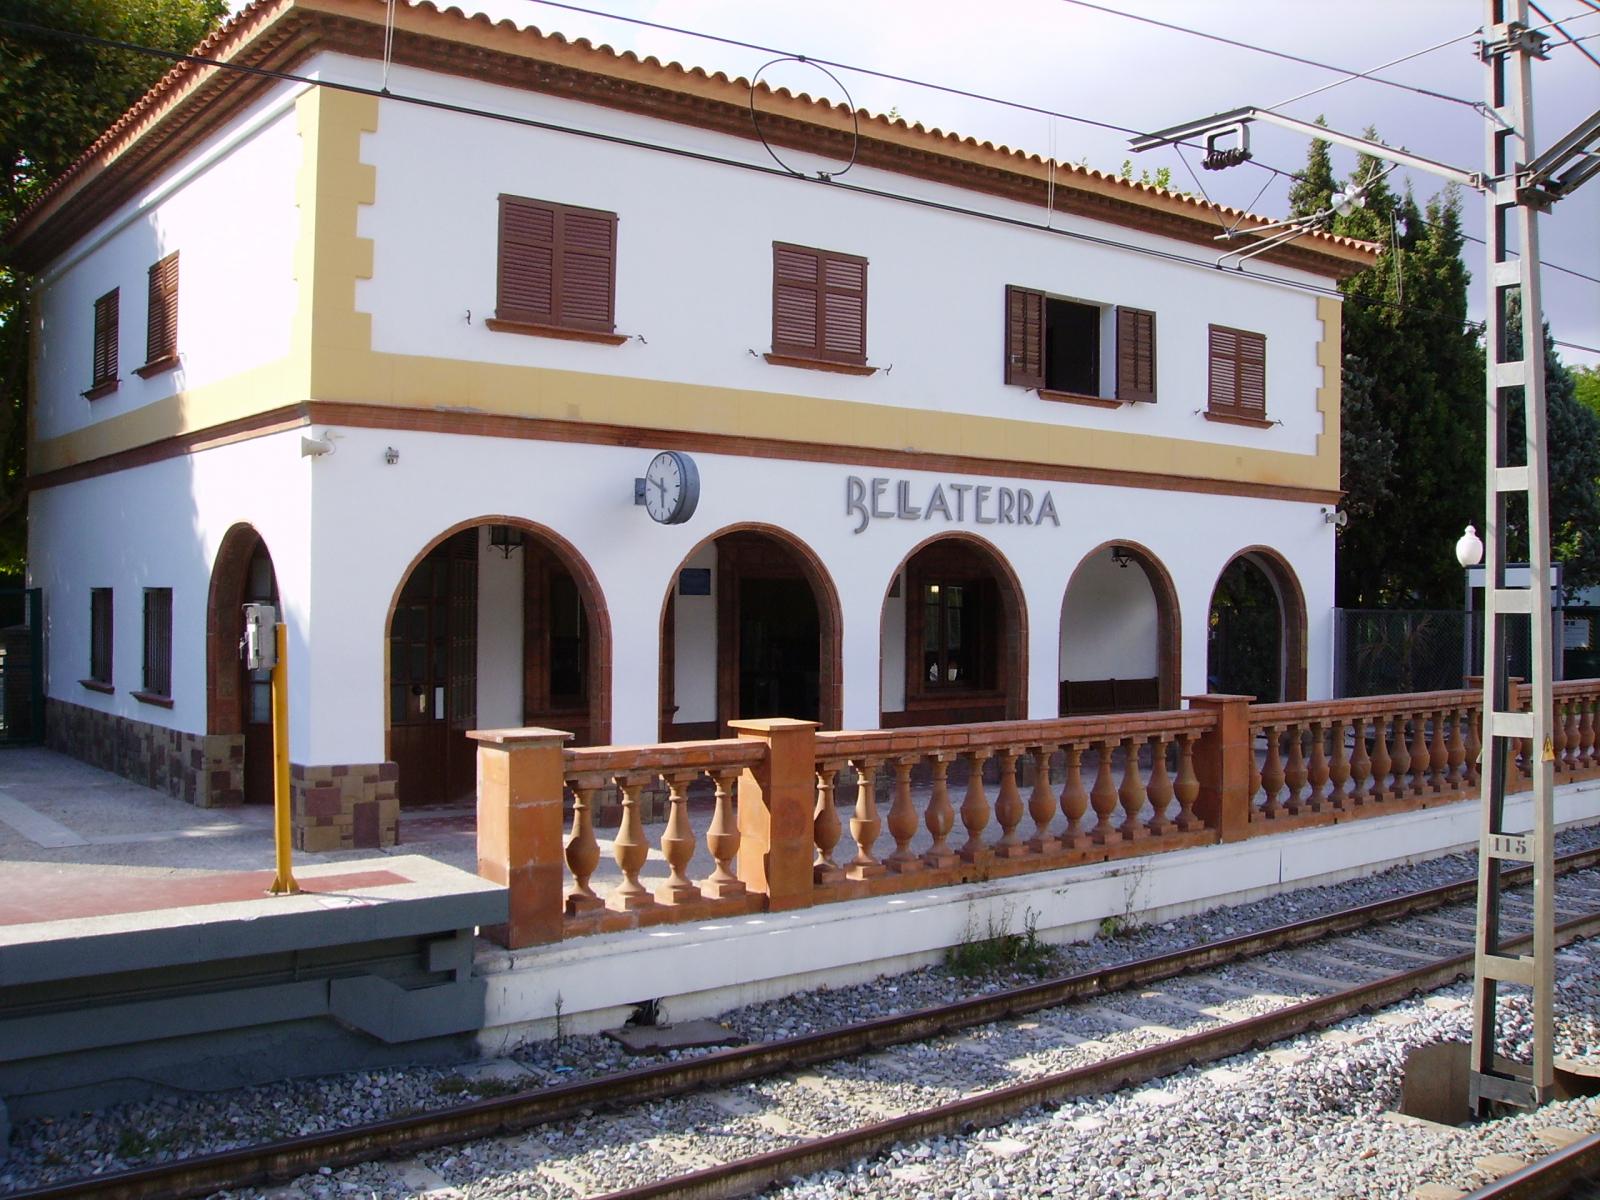 L'estació de Ferrocarrils de la Generalitat de Catalunya a Bellaterra